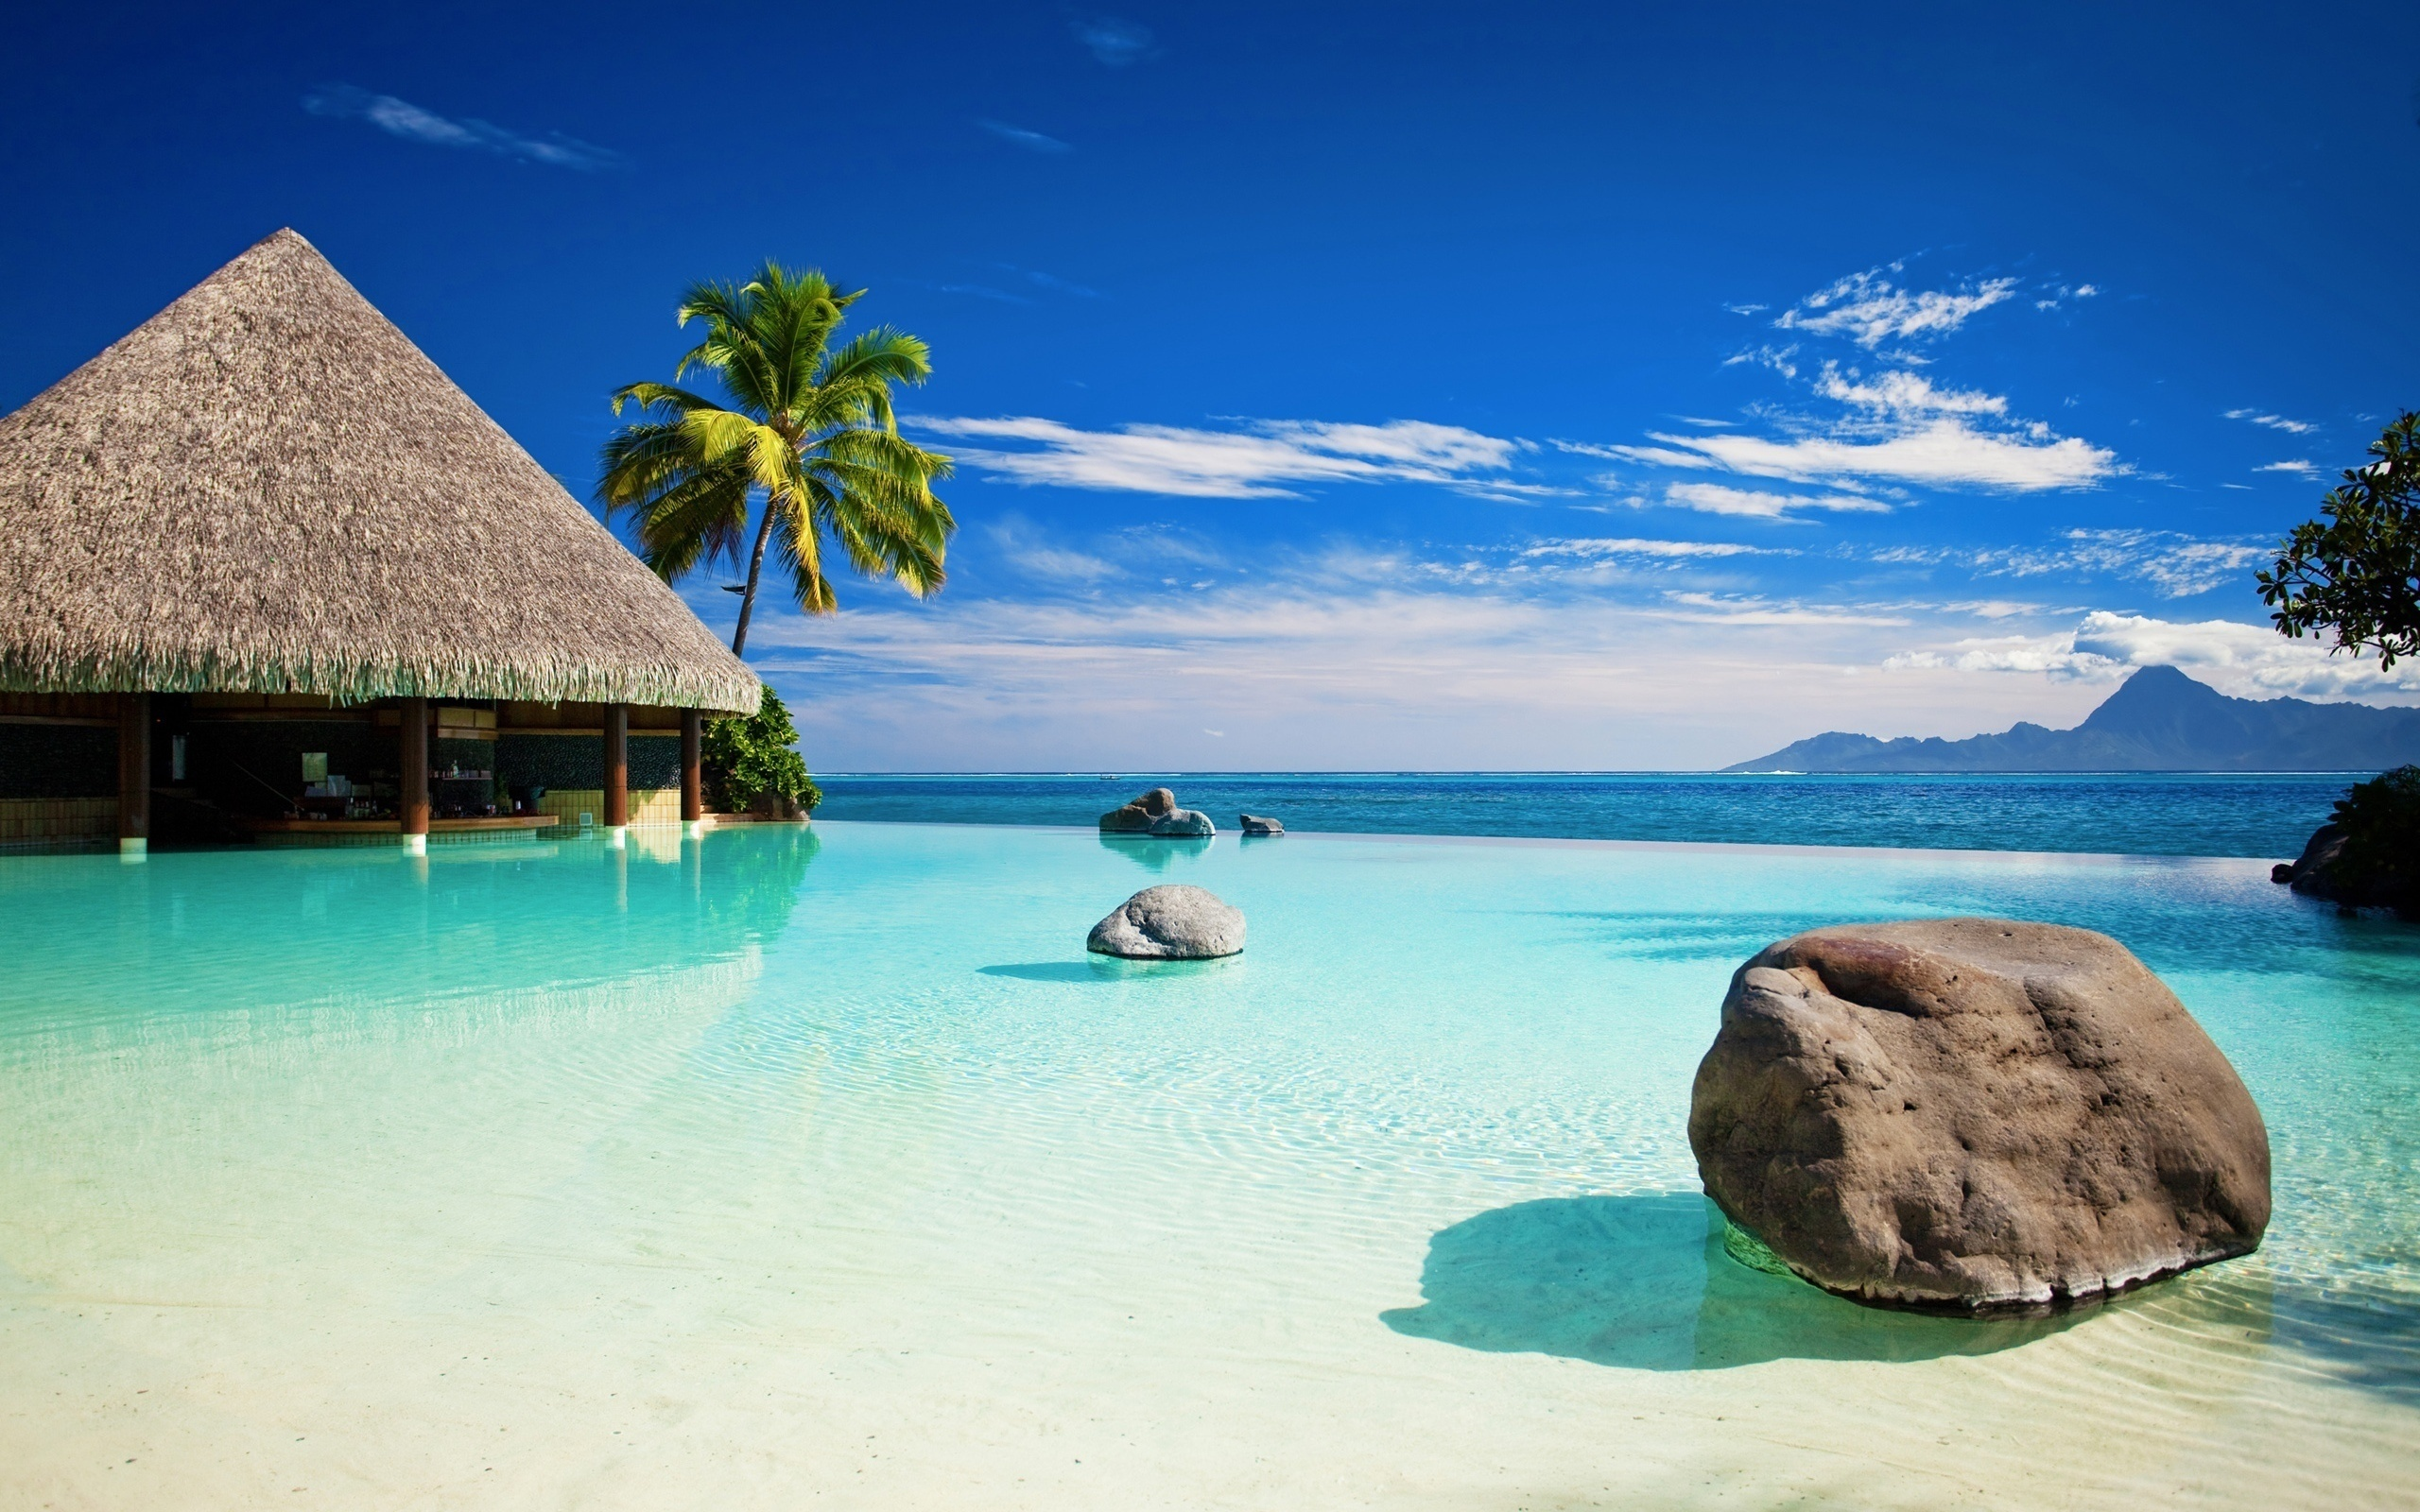 Камень, пейзаж, море обои скачать